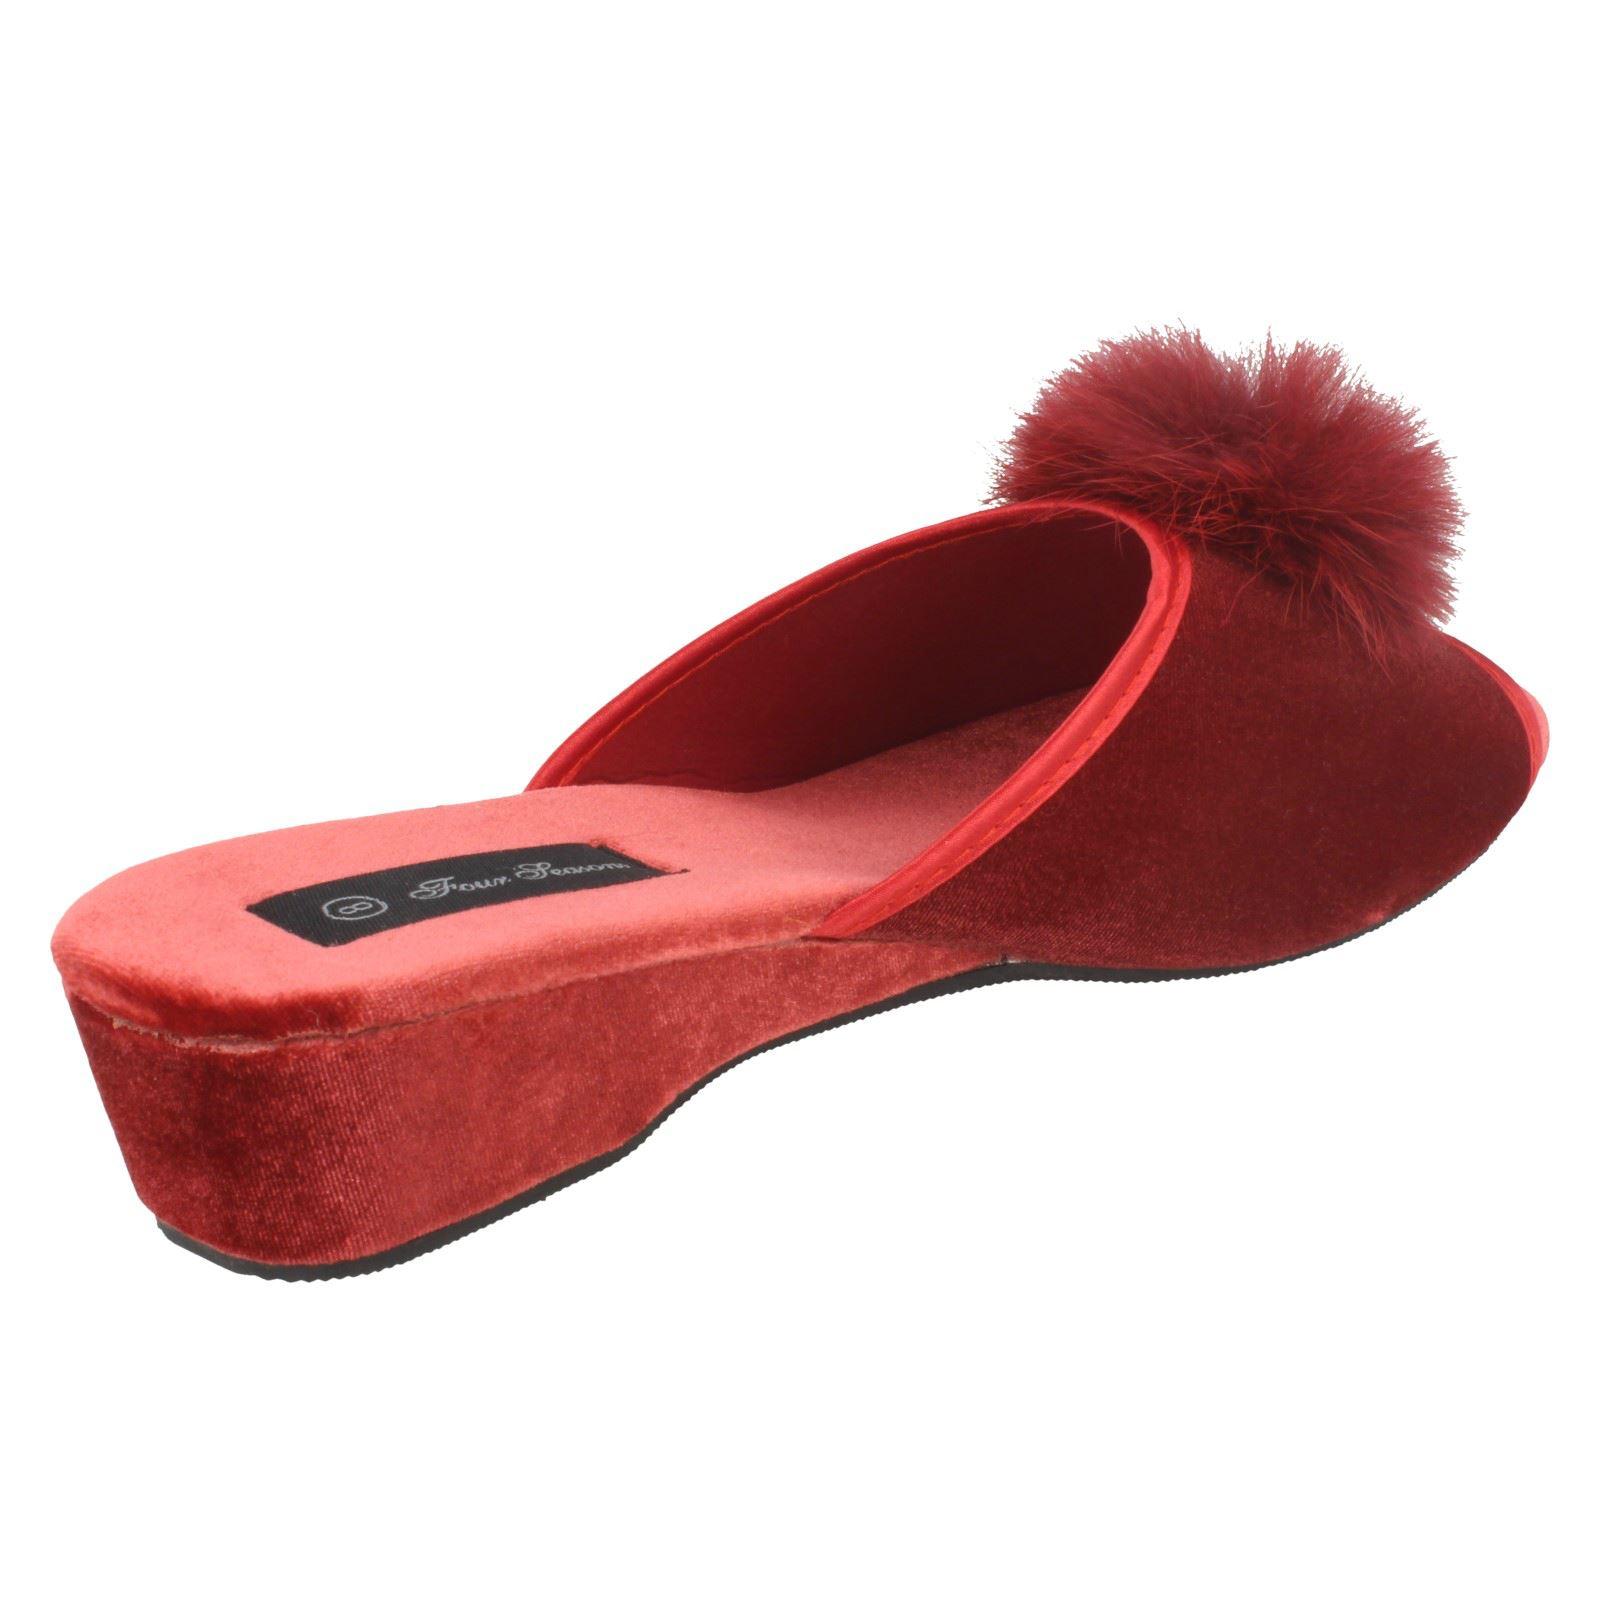 Ladies Four Seasons Luxury Mule Slippers *Marilyn*